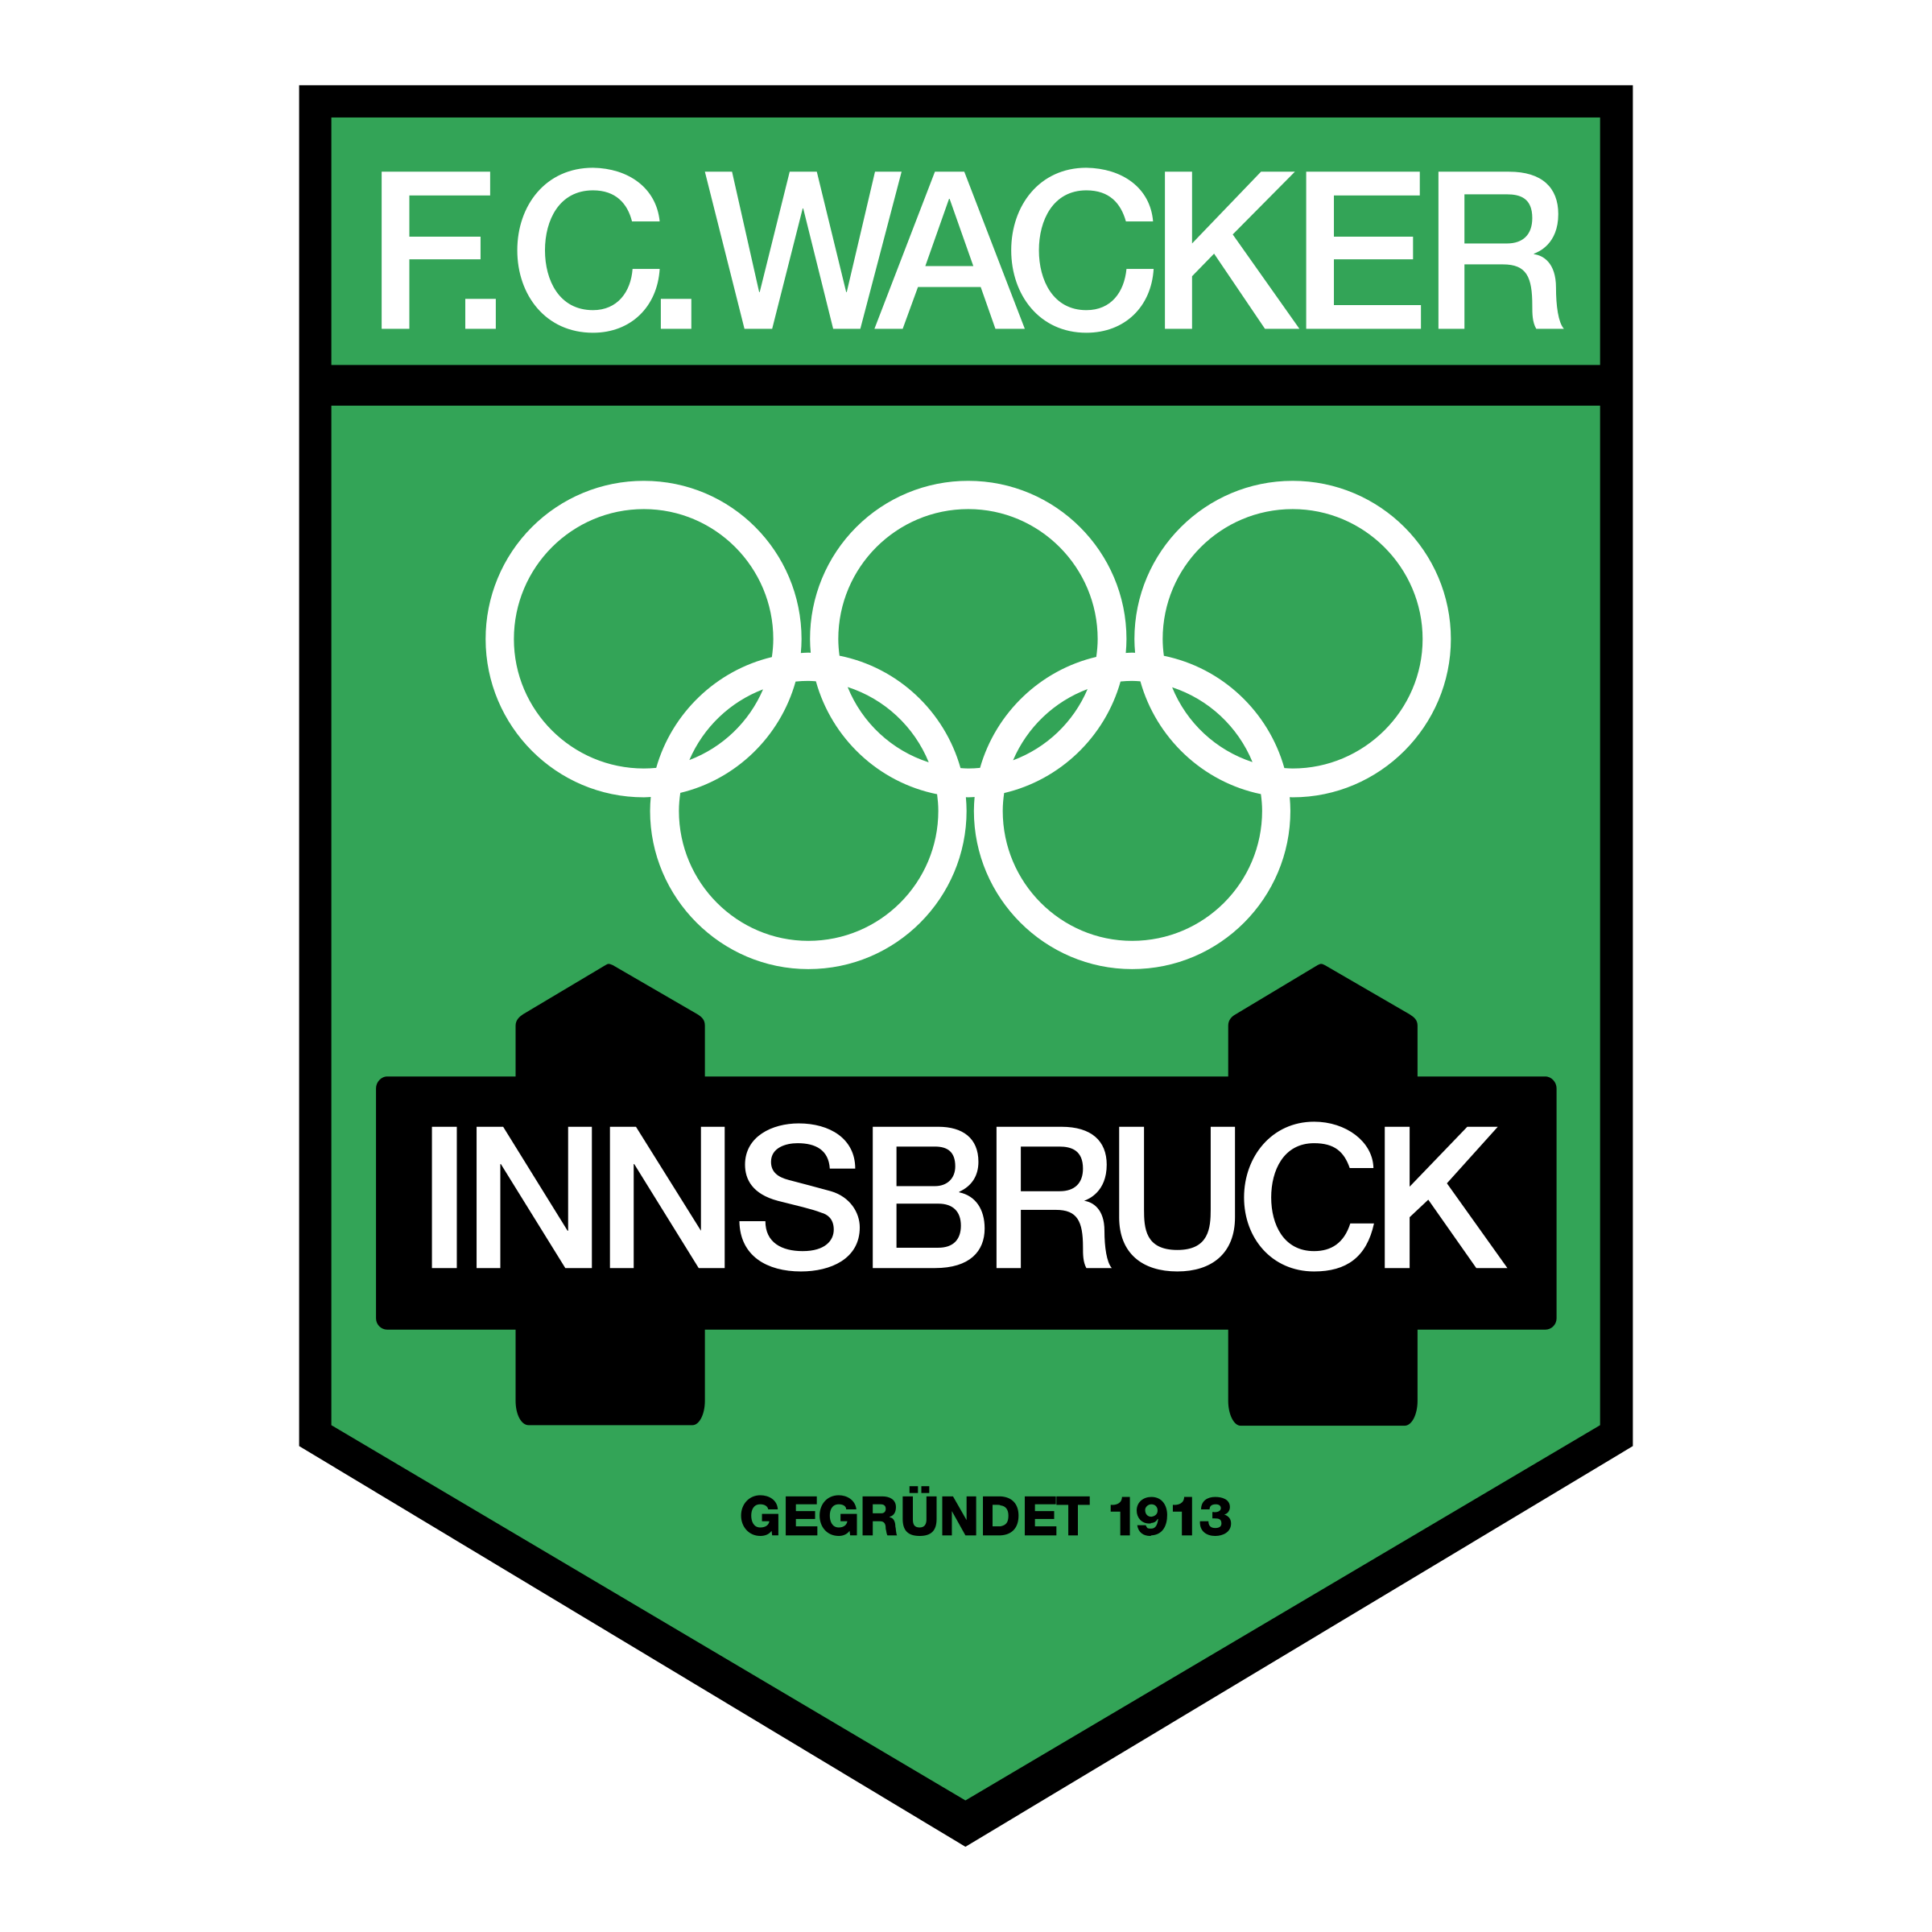 Wacker Innsbruck Logo Black And White